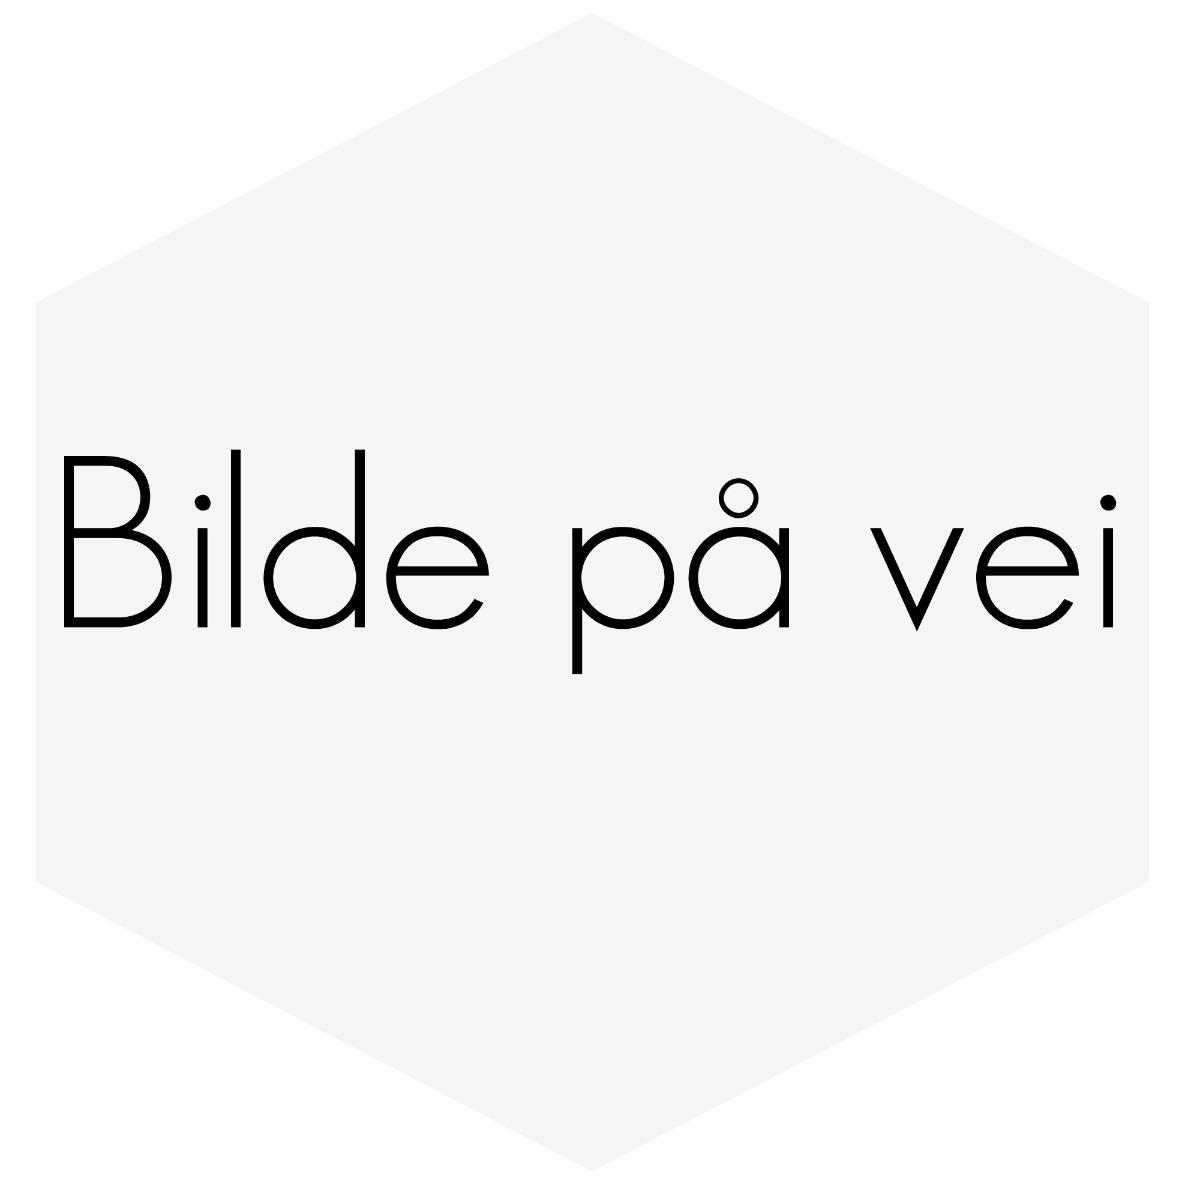 SILIKONSLANGE RØD KOBLING 0,3125'' (8MM)